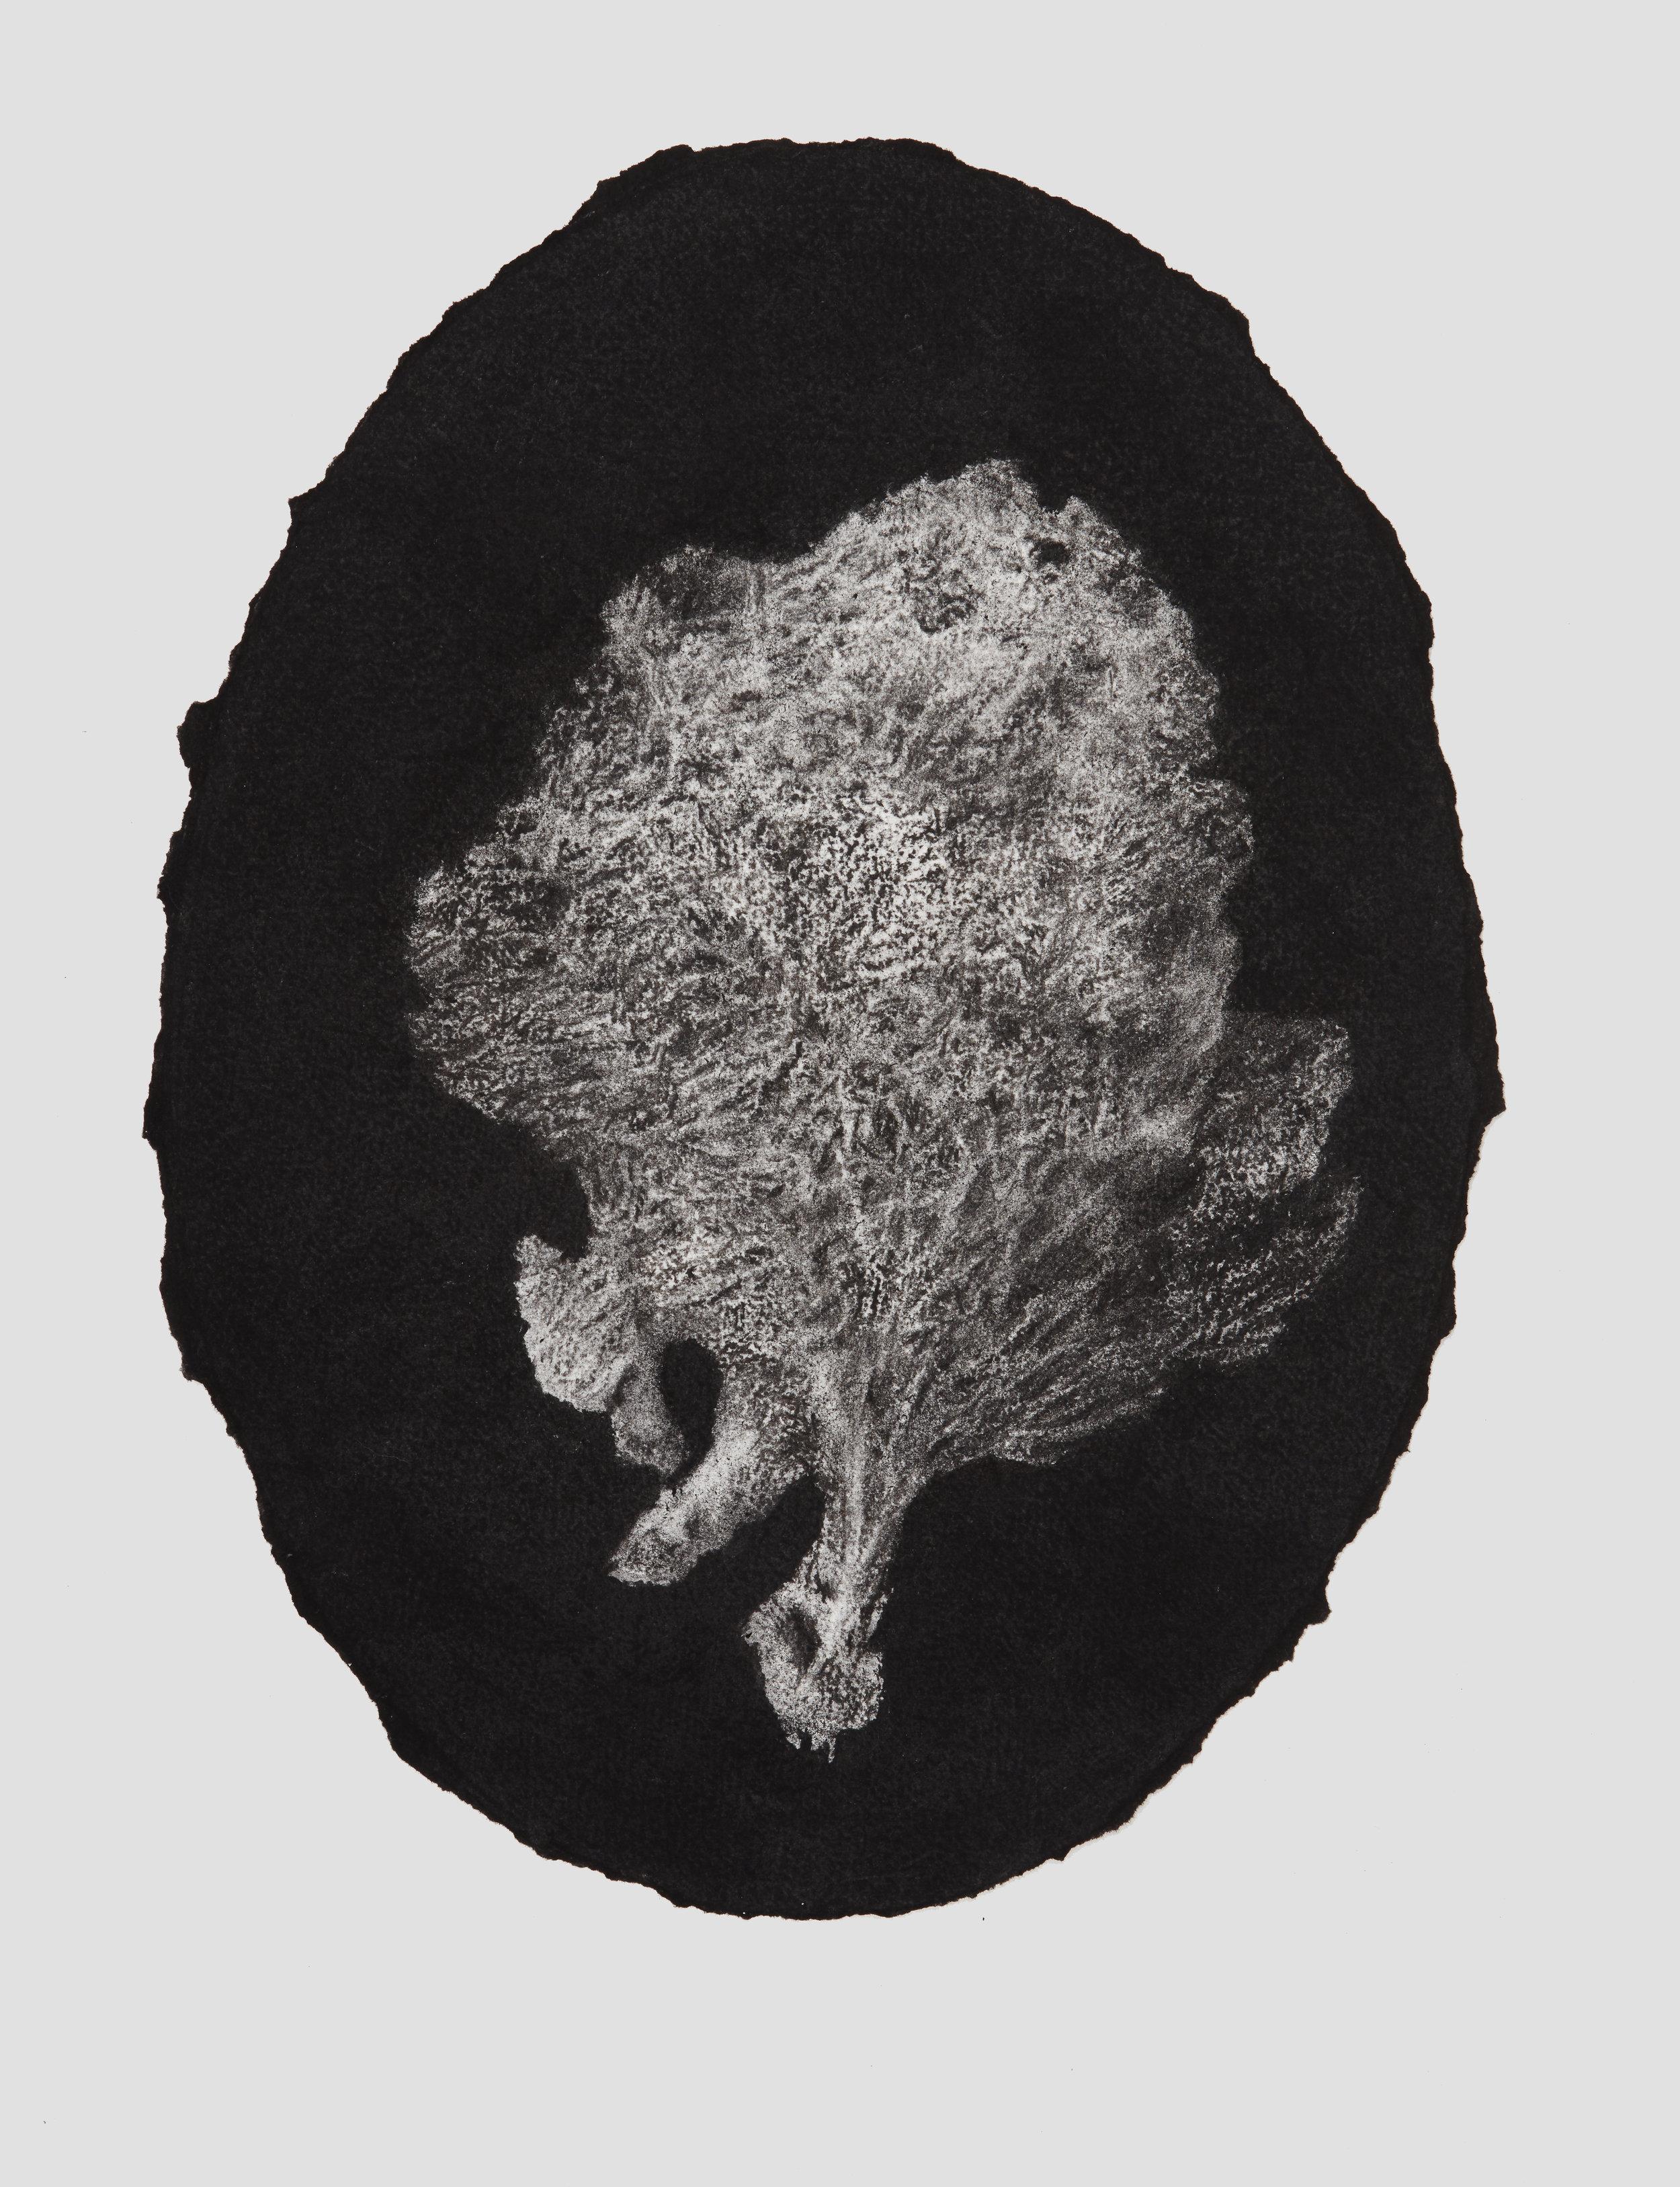 portrait sponge, 2017, 44x33cm, charcoal on paper